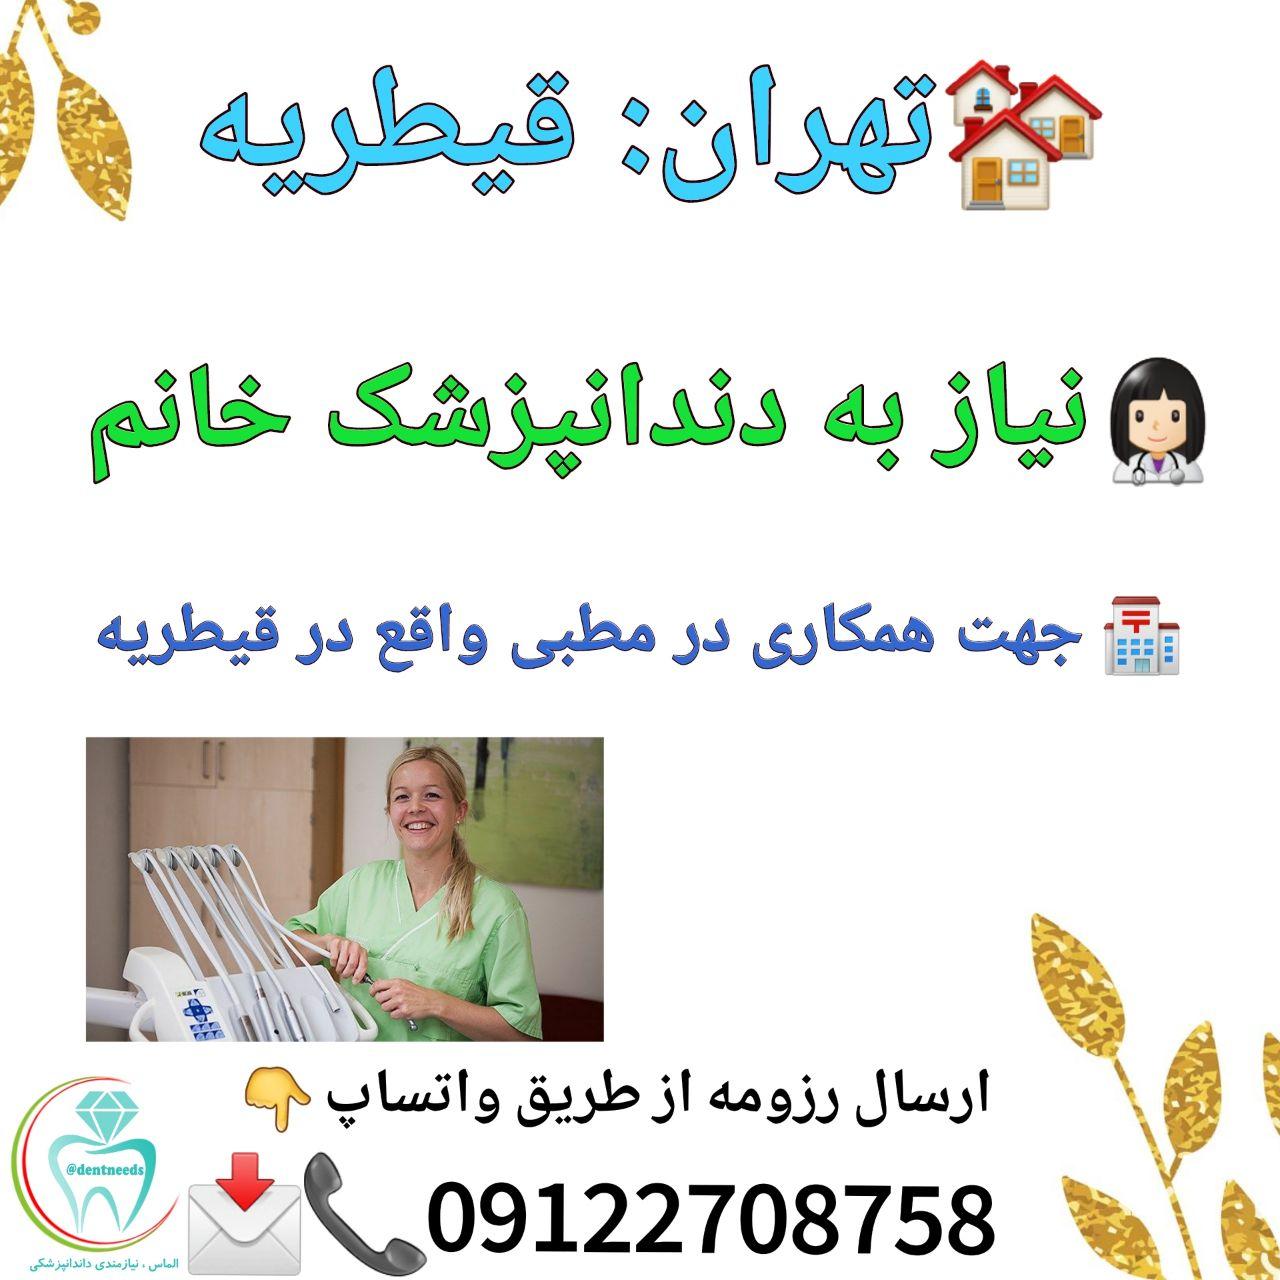 تهران: قیطریه، نیاز به دندانپزشک خانم